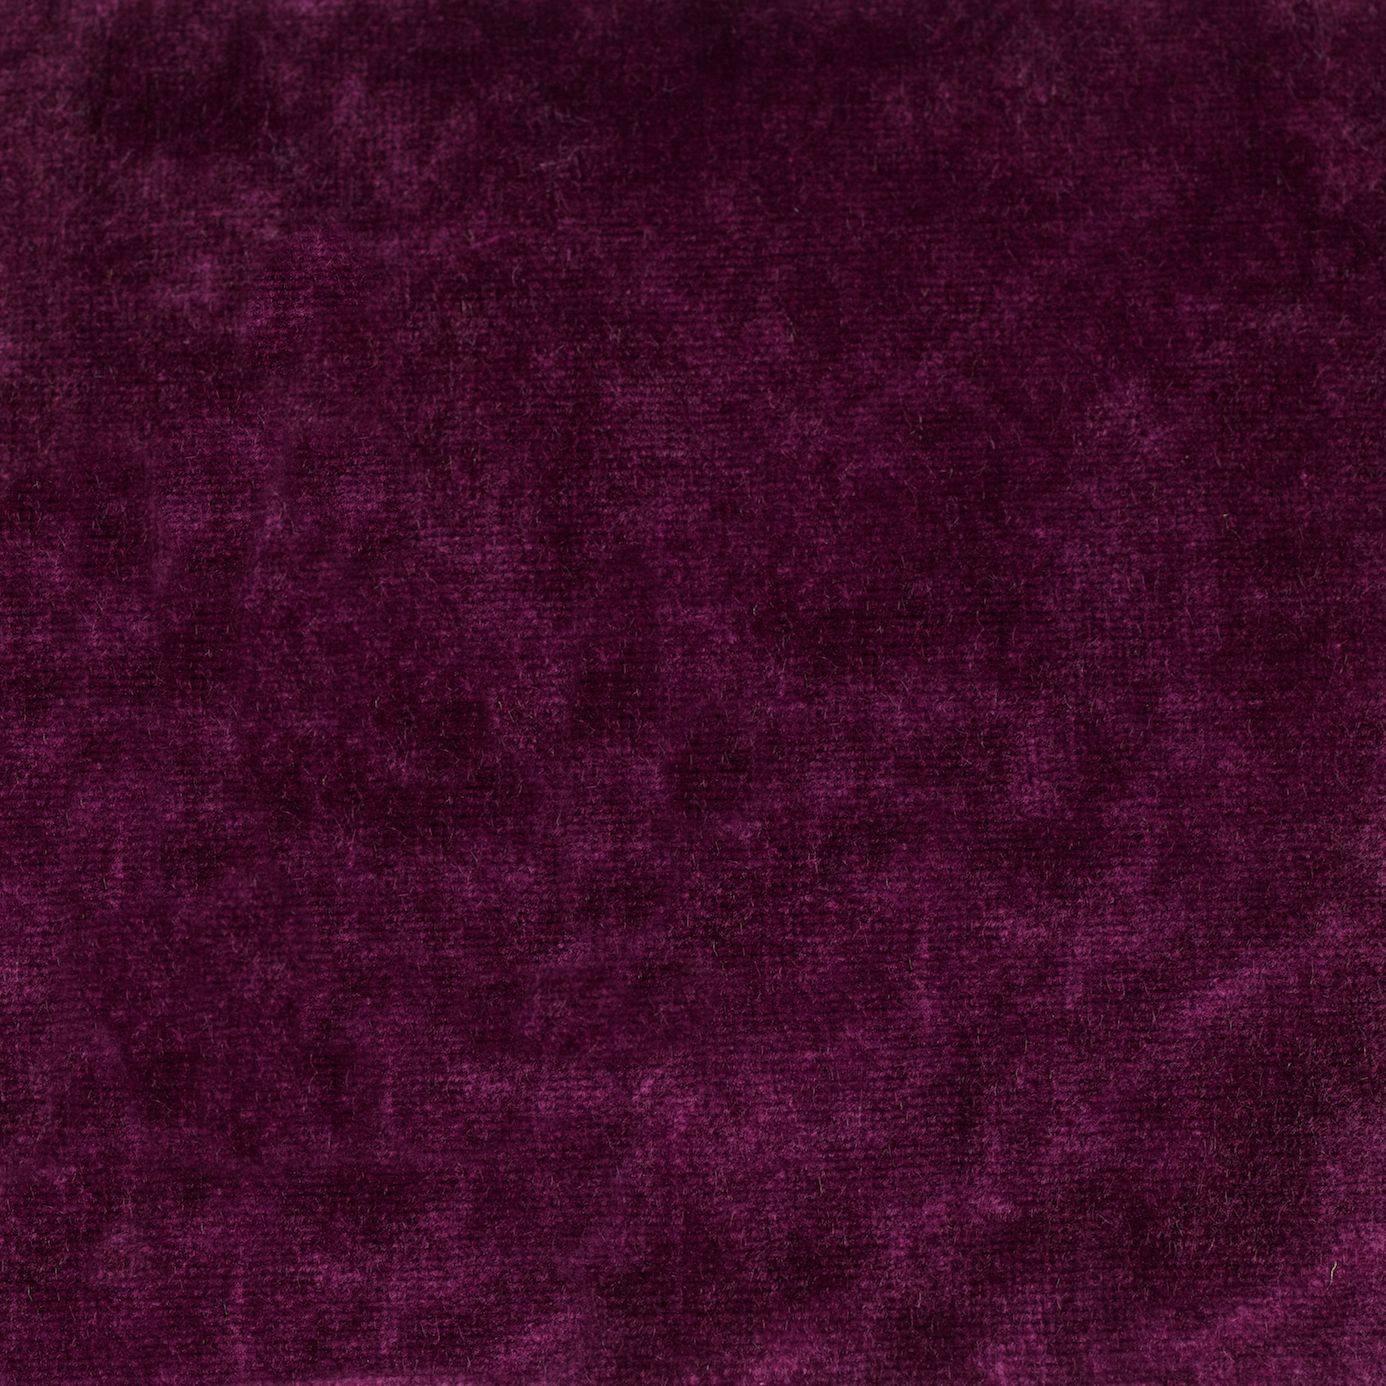 Boutique Velvets Fabric Magenta 130027 Harlequin